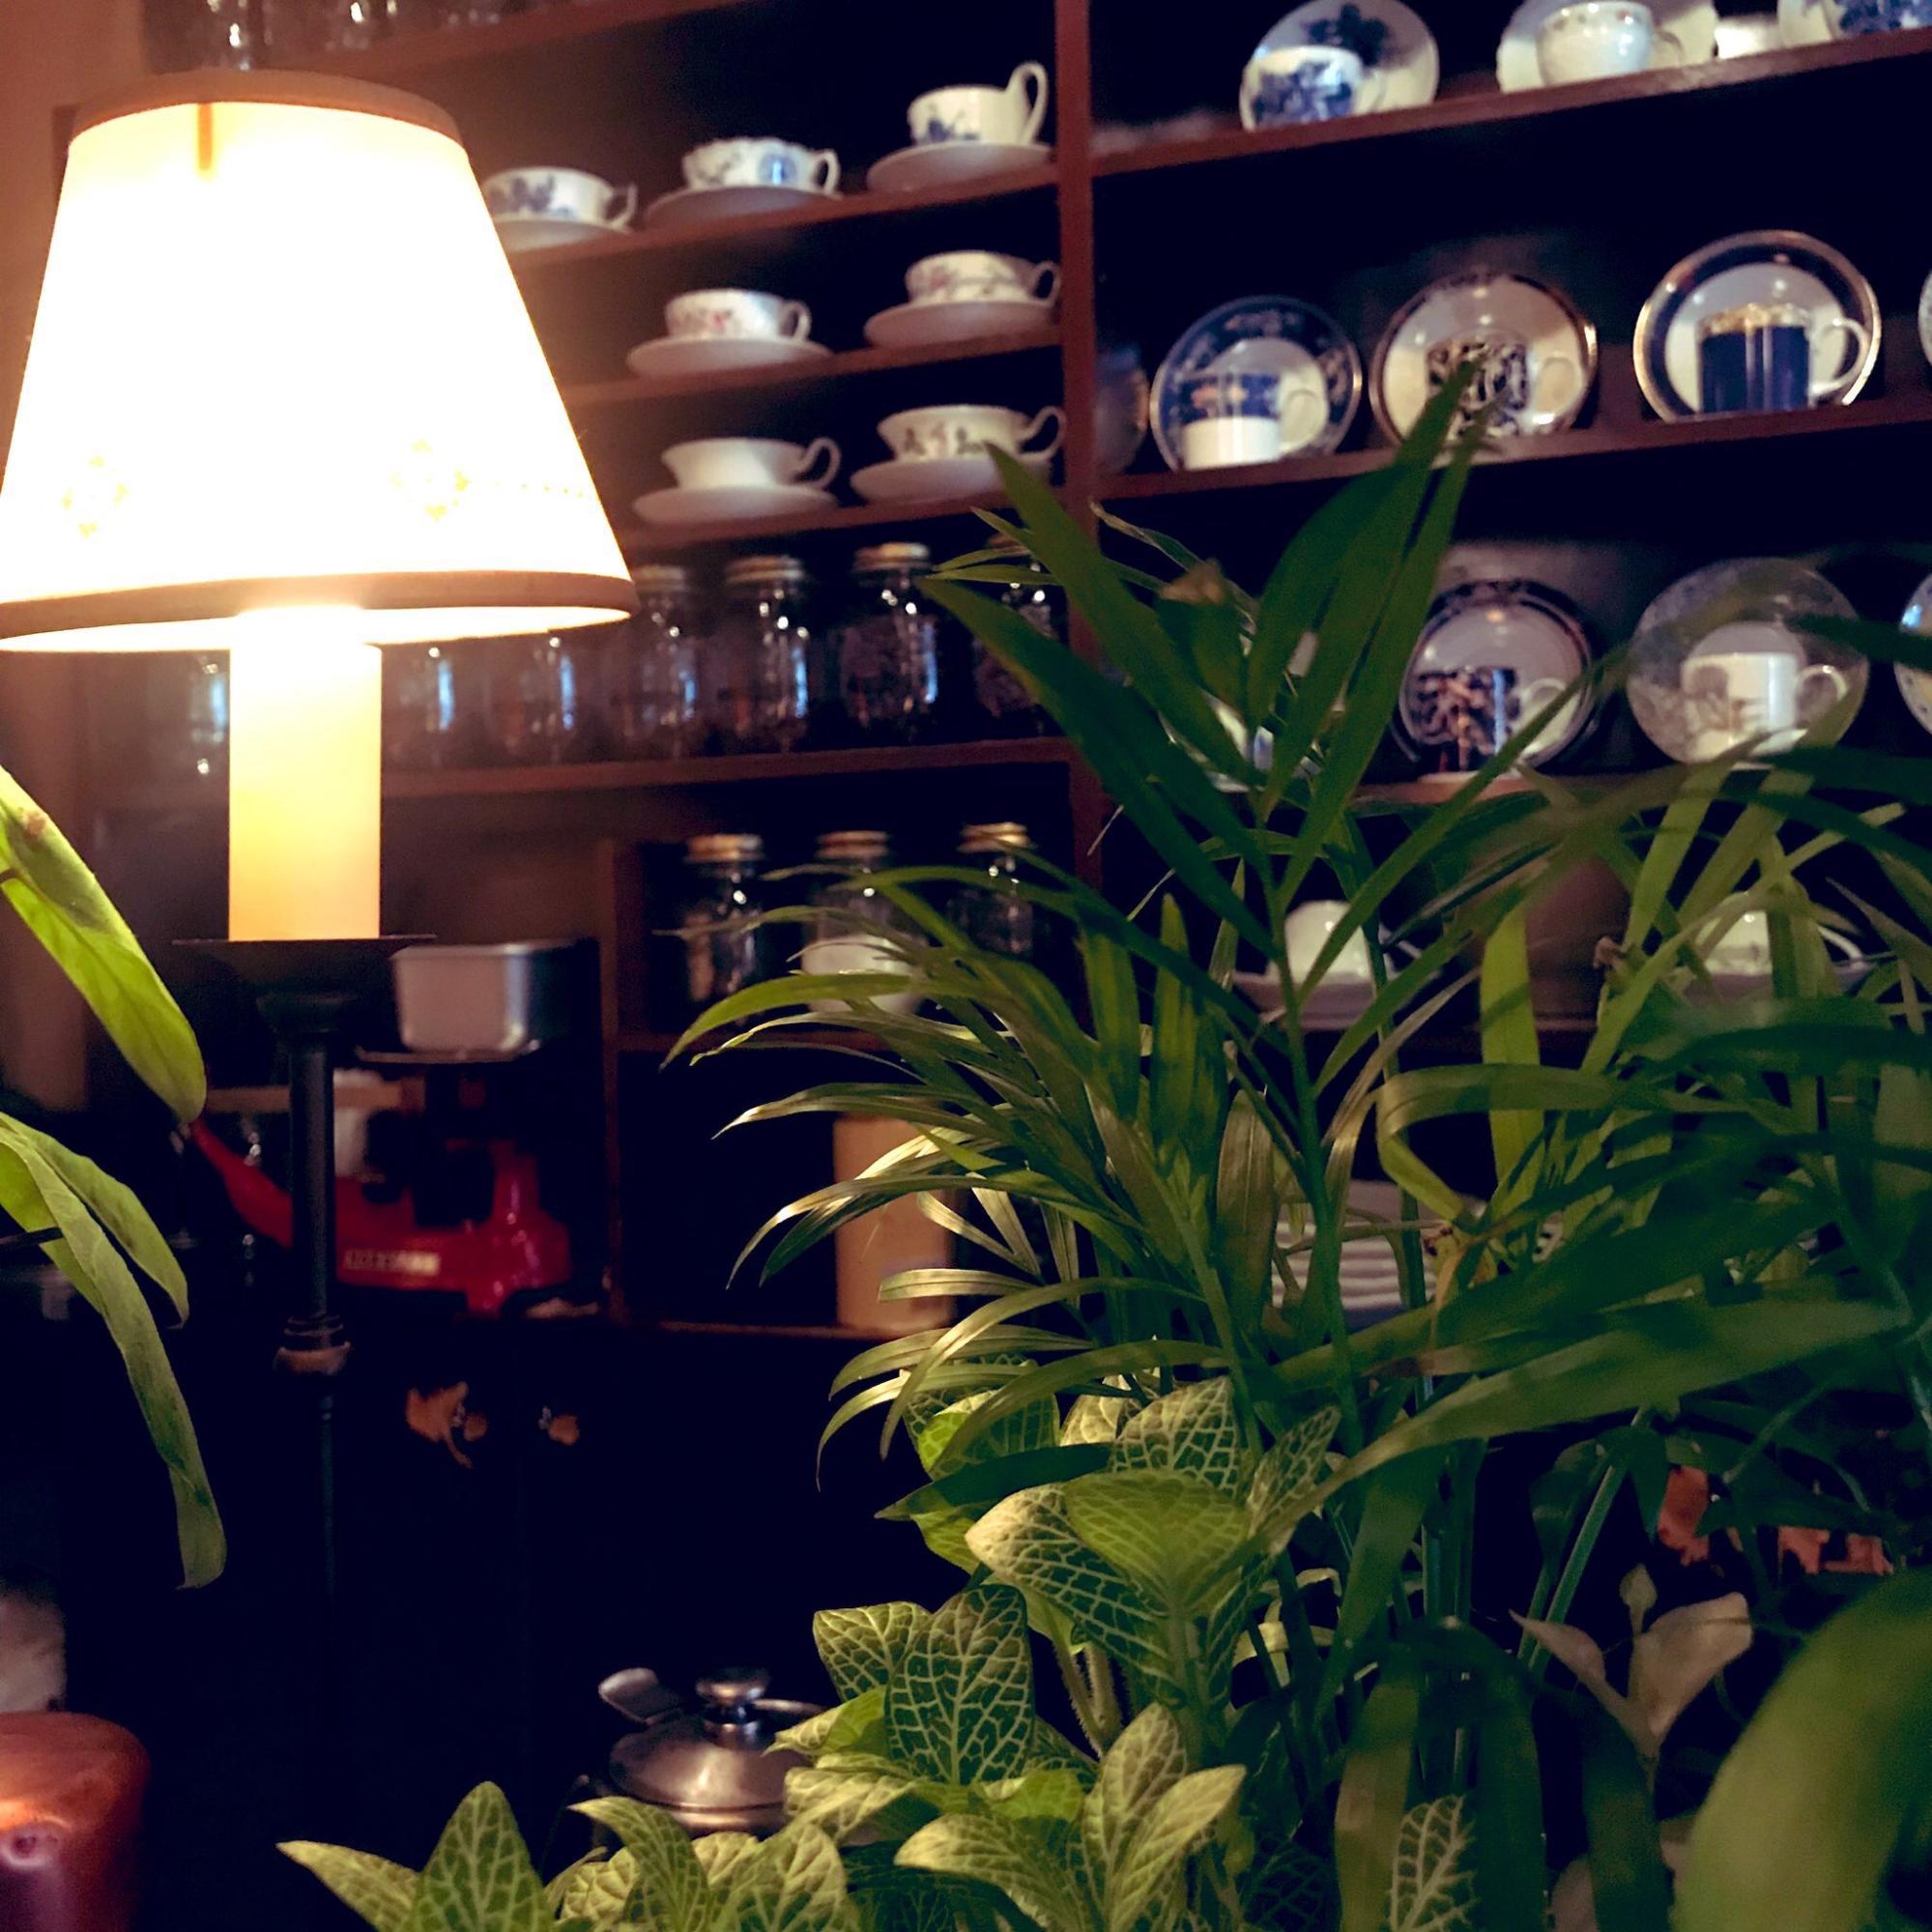 【東京】ひとりカフェでゆっくり一息つきませんか?おすすめカフェ5選